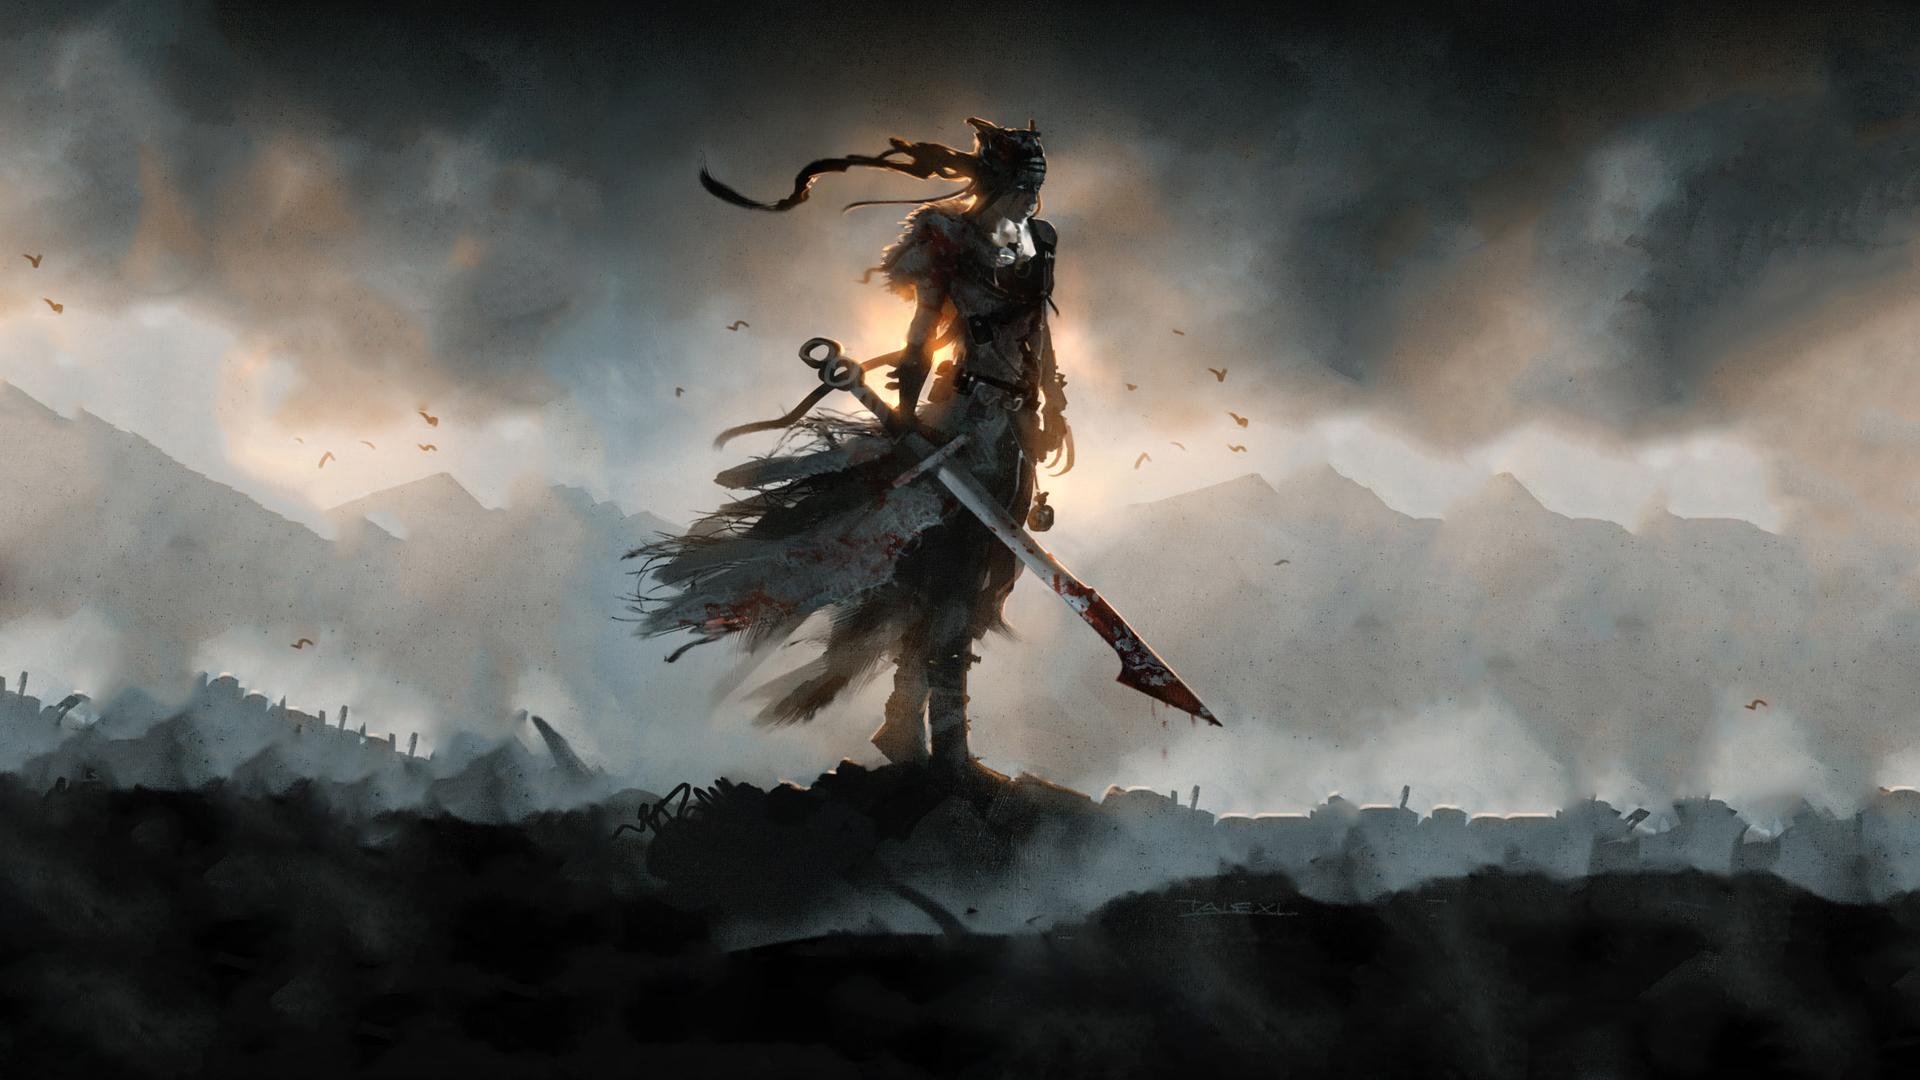 Hellblade Game Hero 675 Wallpapers